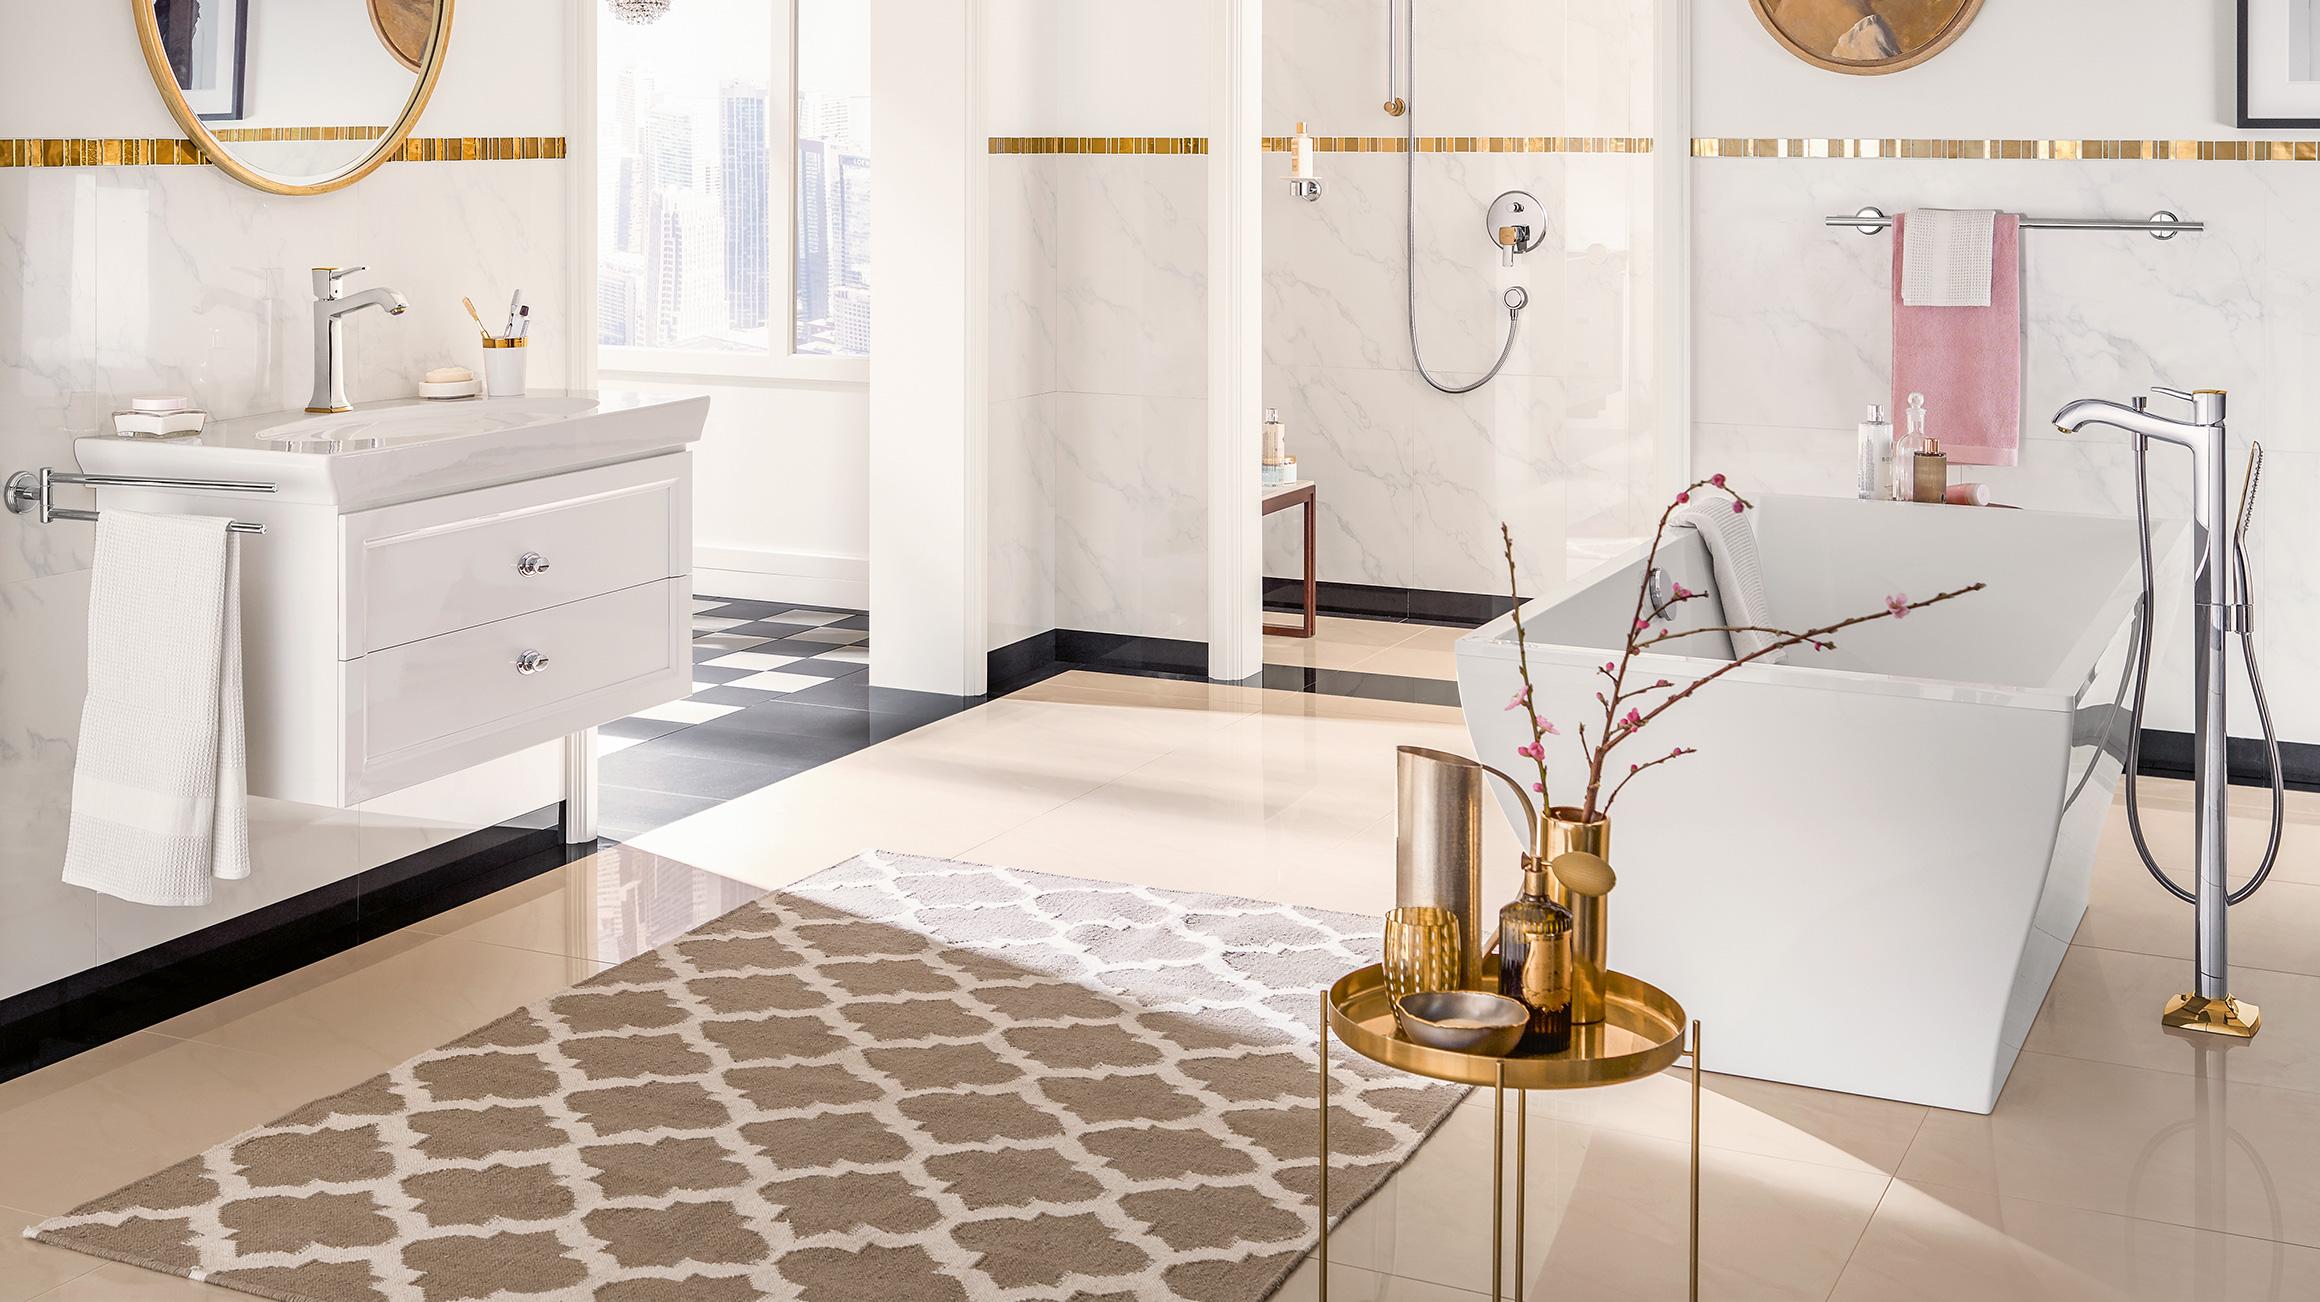 Een Gezellige Badkamer : Badkameraccessoires u deze trends maken uw badkamer mooier